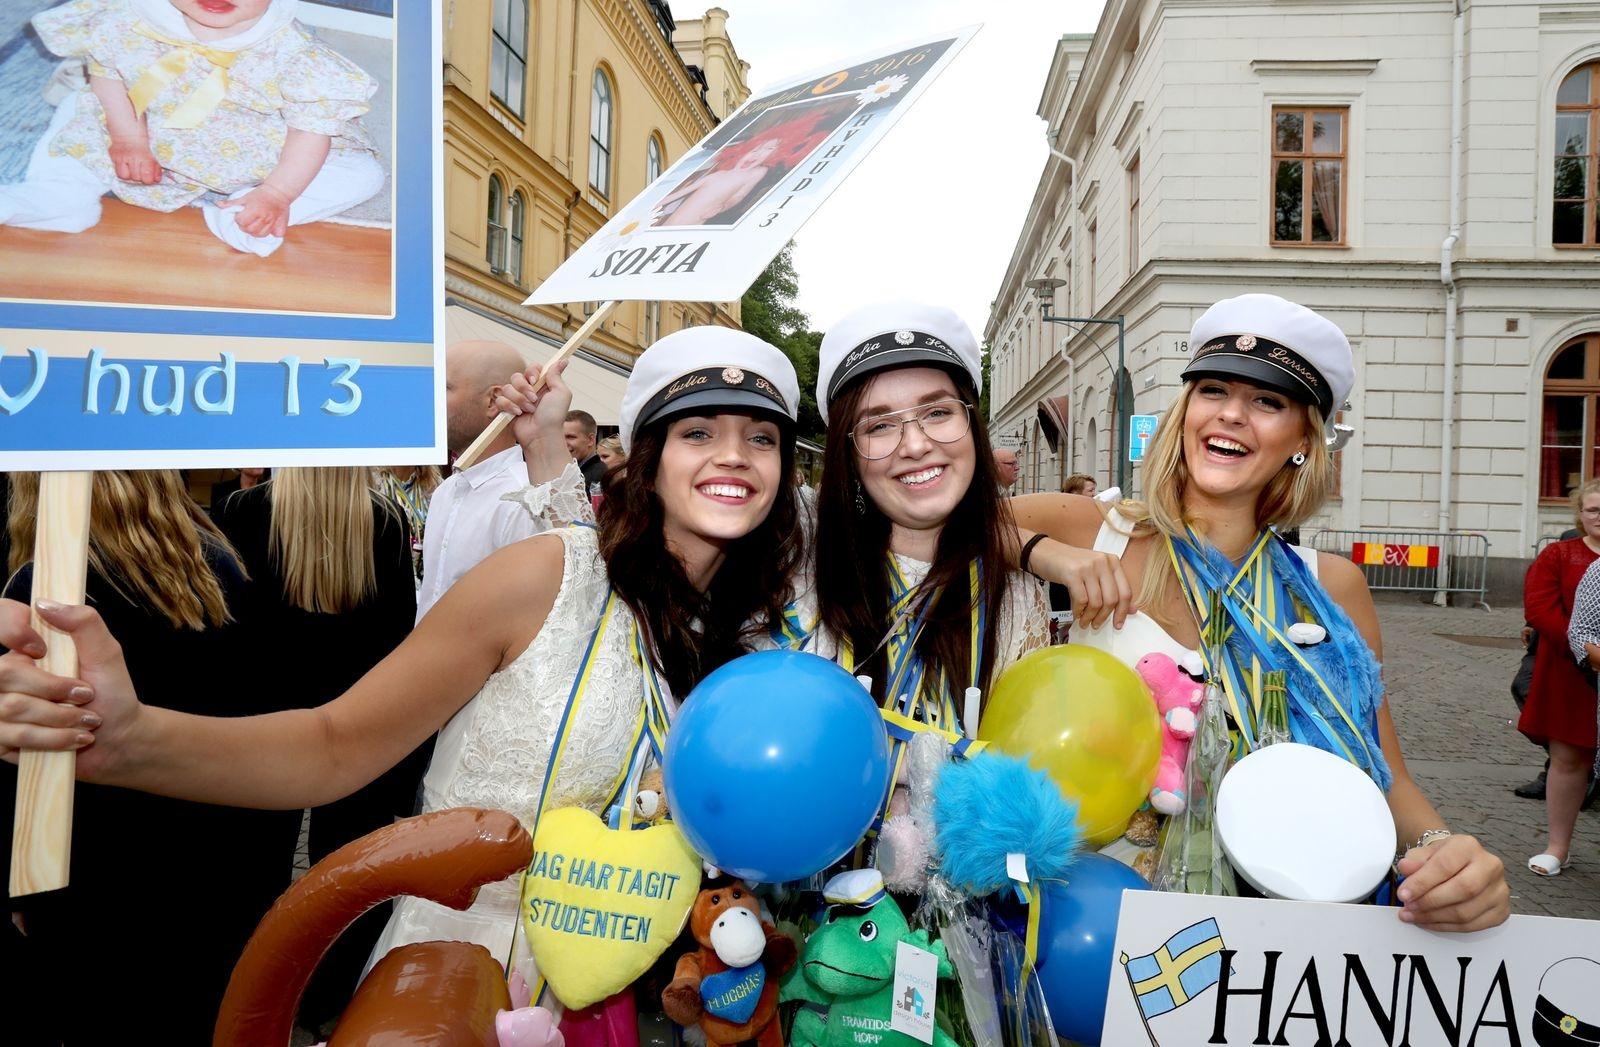 Julia Parde, Sofia Hagman Eriksson och Hanna Larsson tog studenten från Plusgymnasiet i Kalmar 2016.